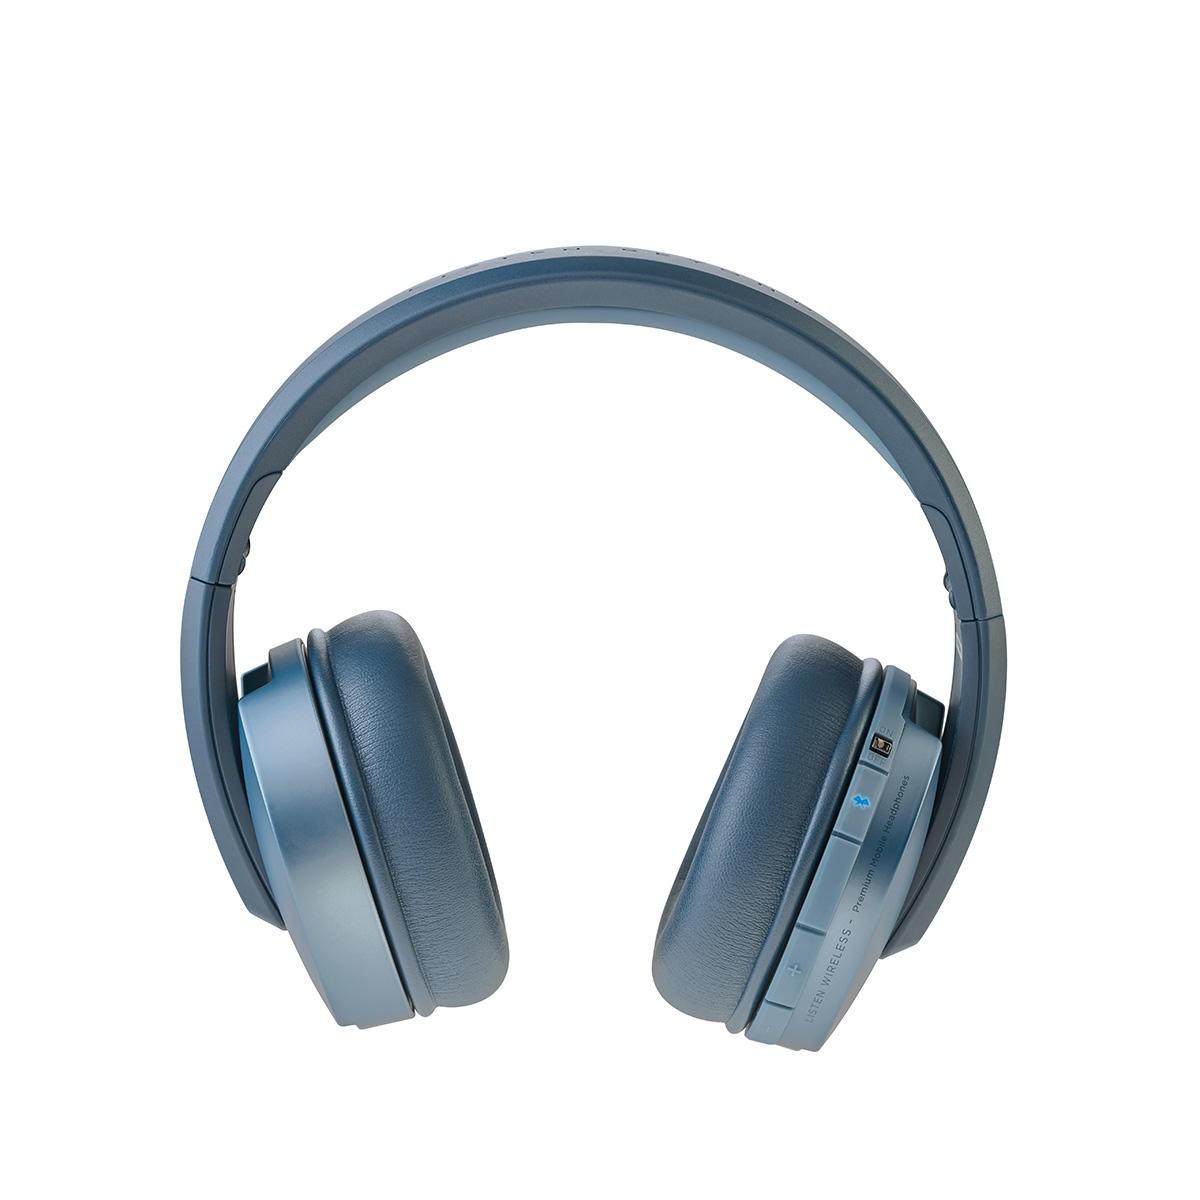 Bezprzewodowe słuchawki nagłowne LISTEN WIRELESS CHIC